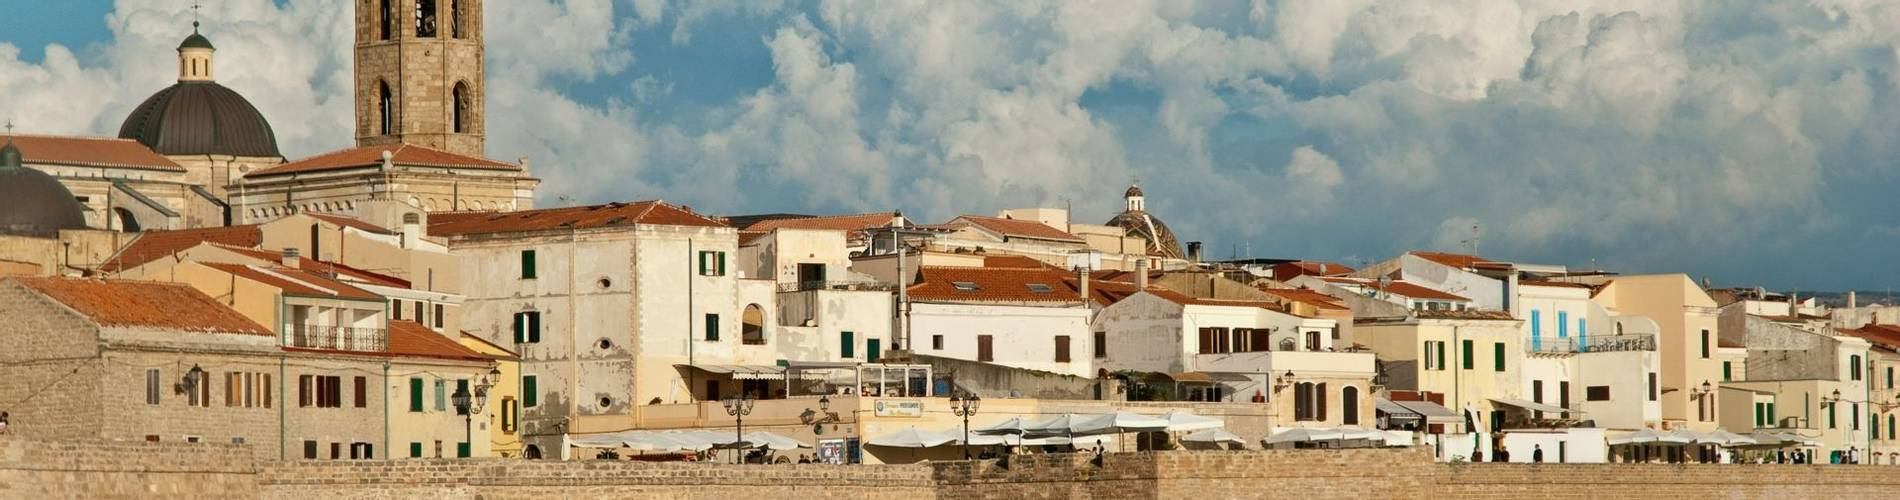 Sardinia, Alghero.jpg